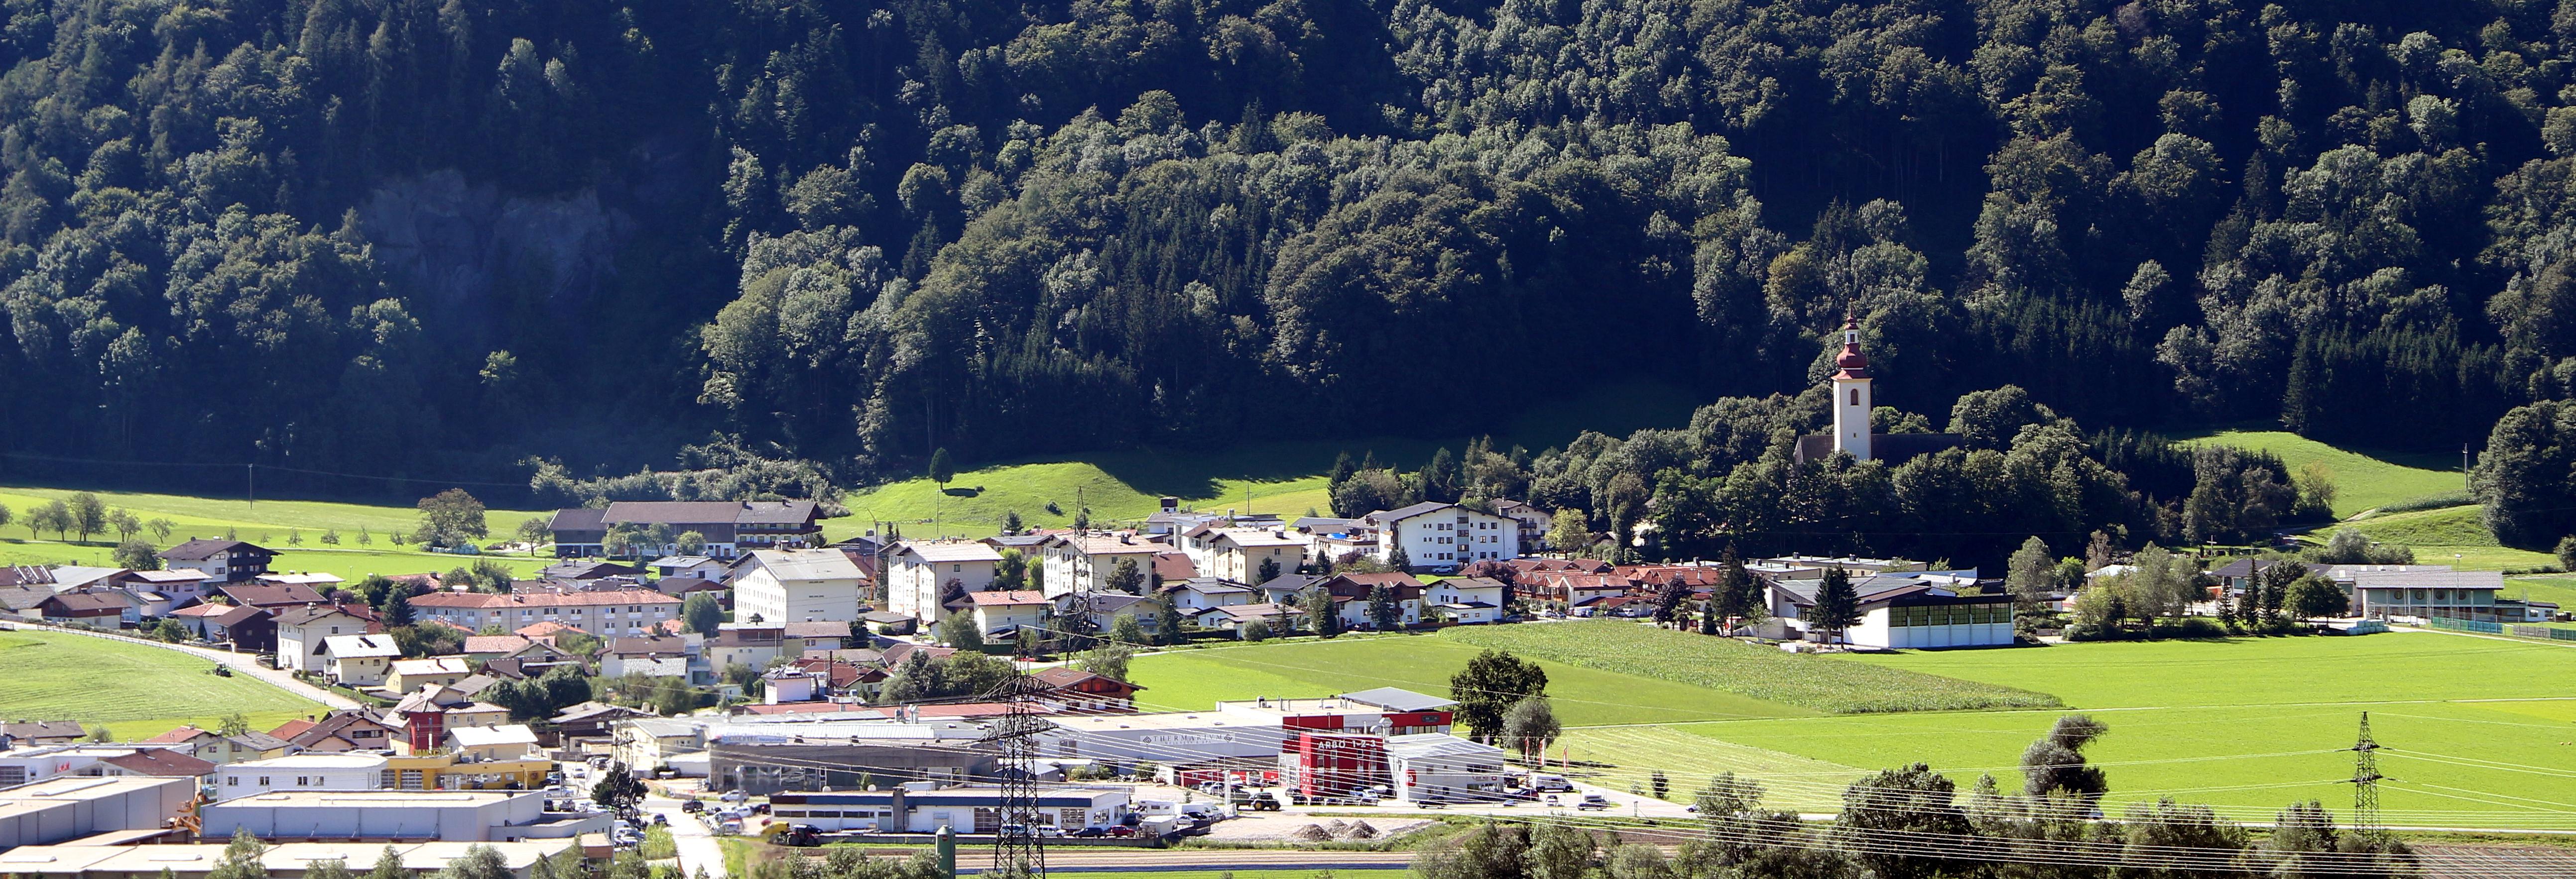 Home | Kultur am Land | Veranstaltungen in Tirol